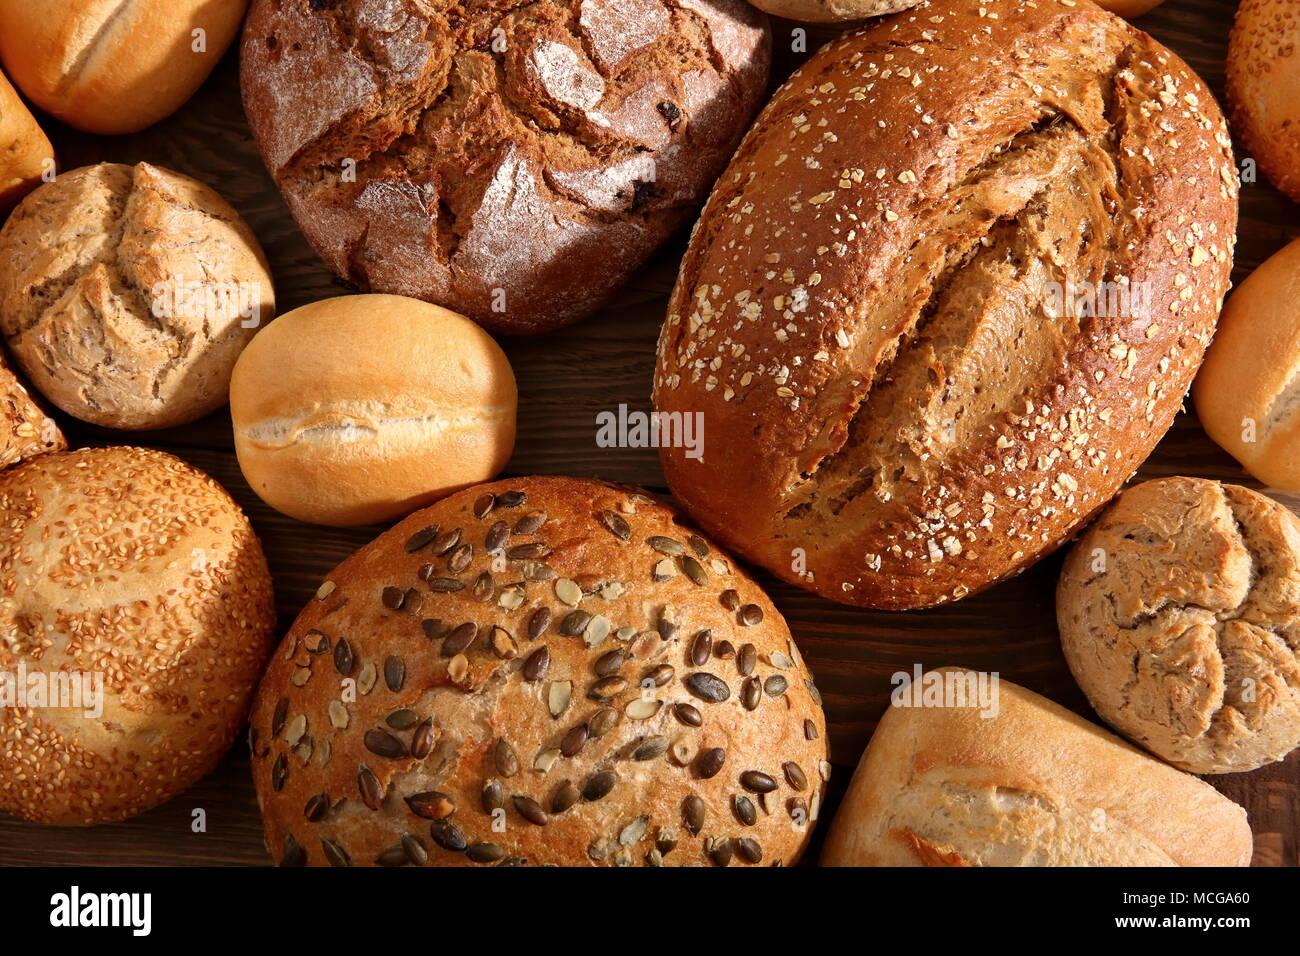 Panes y bollos son muchos tipos de pan, sabores y formas que se pueden encontrar en panaderías y tiendas de comestibles no sólo en Polonia, sino en todo el mundo. Imagen De Stock